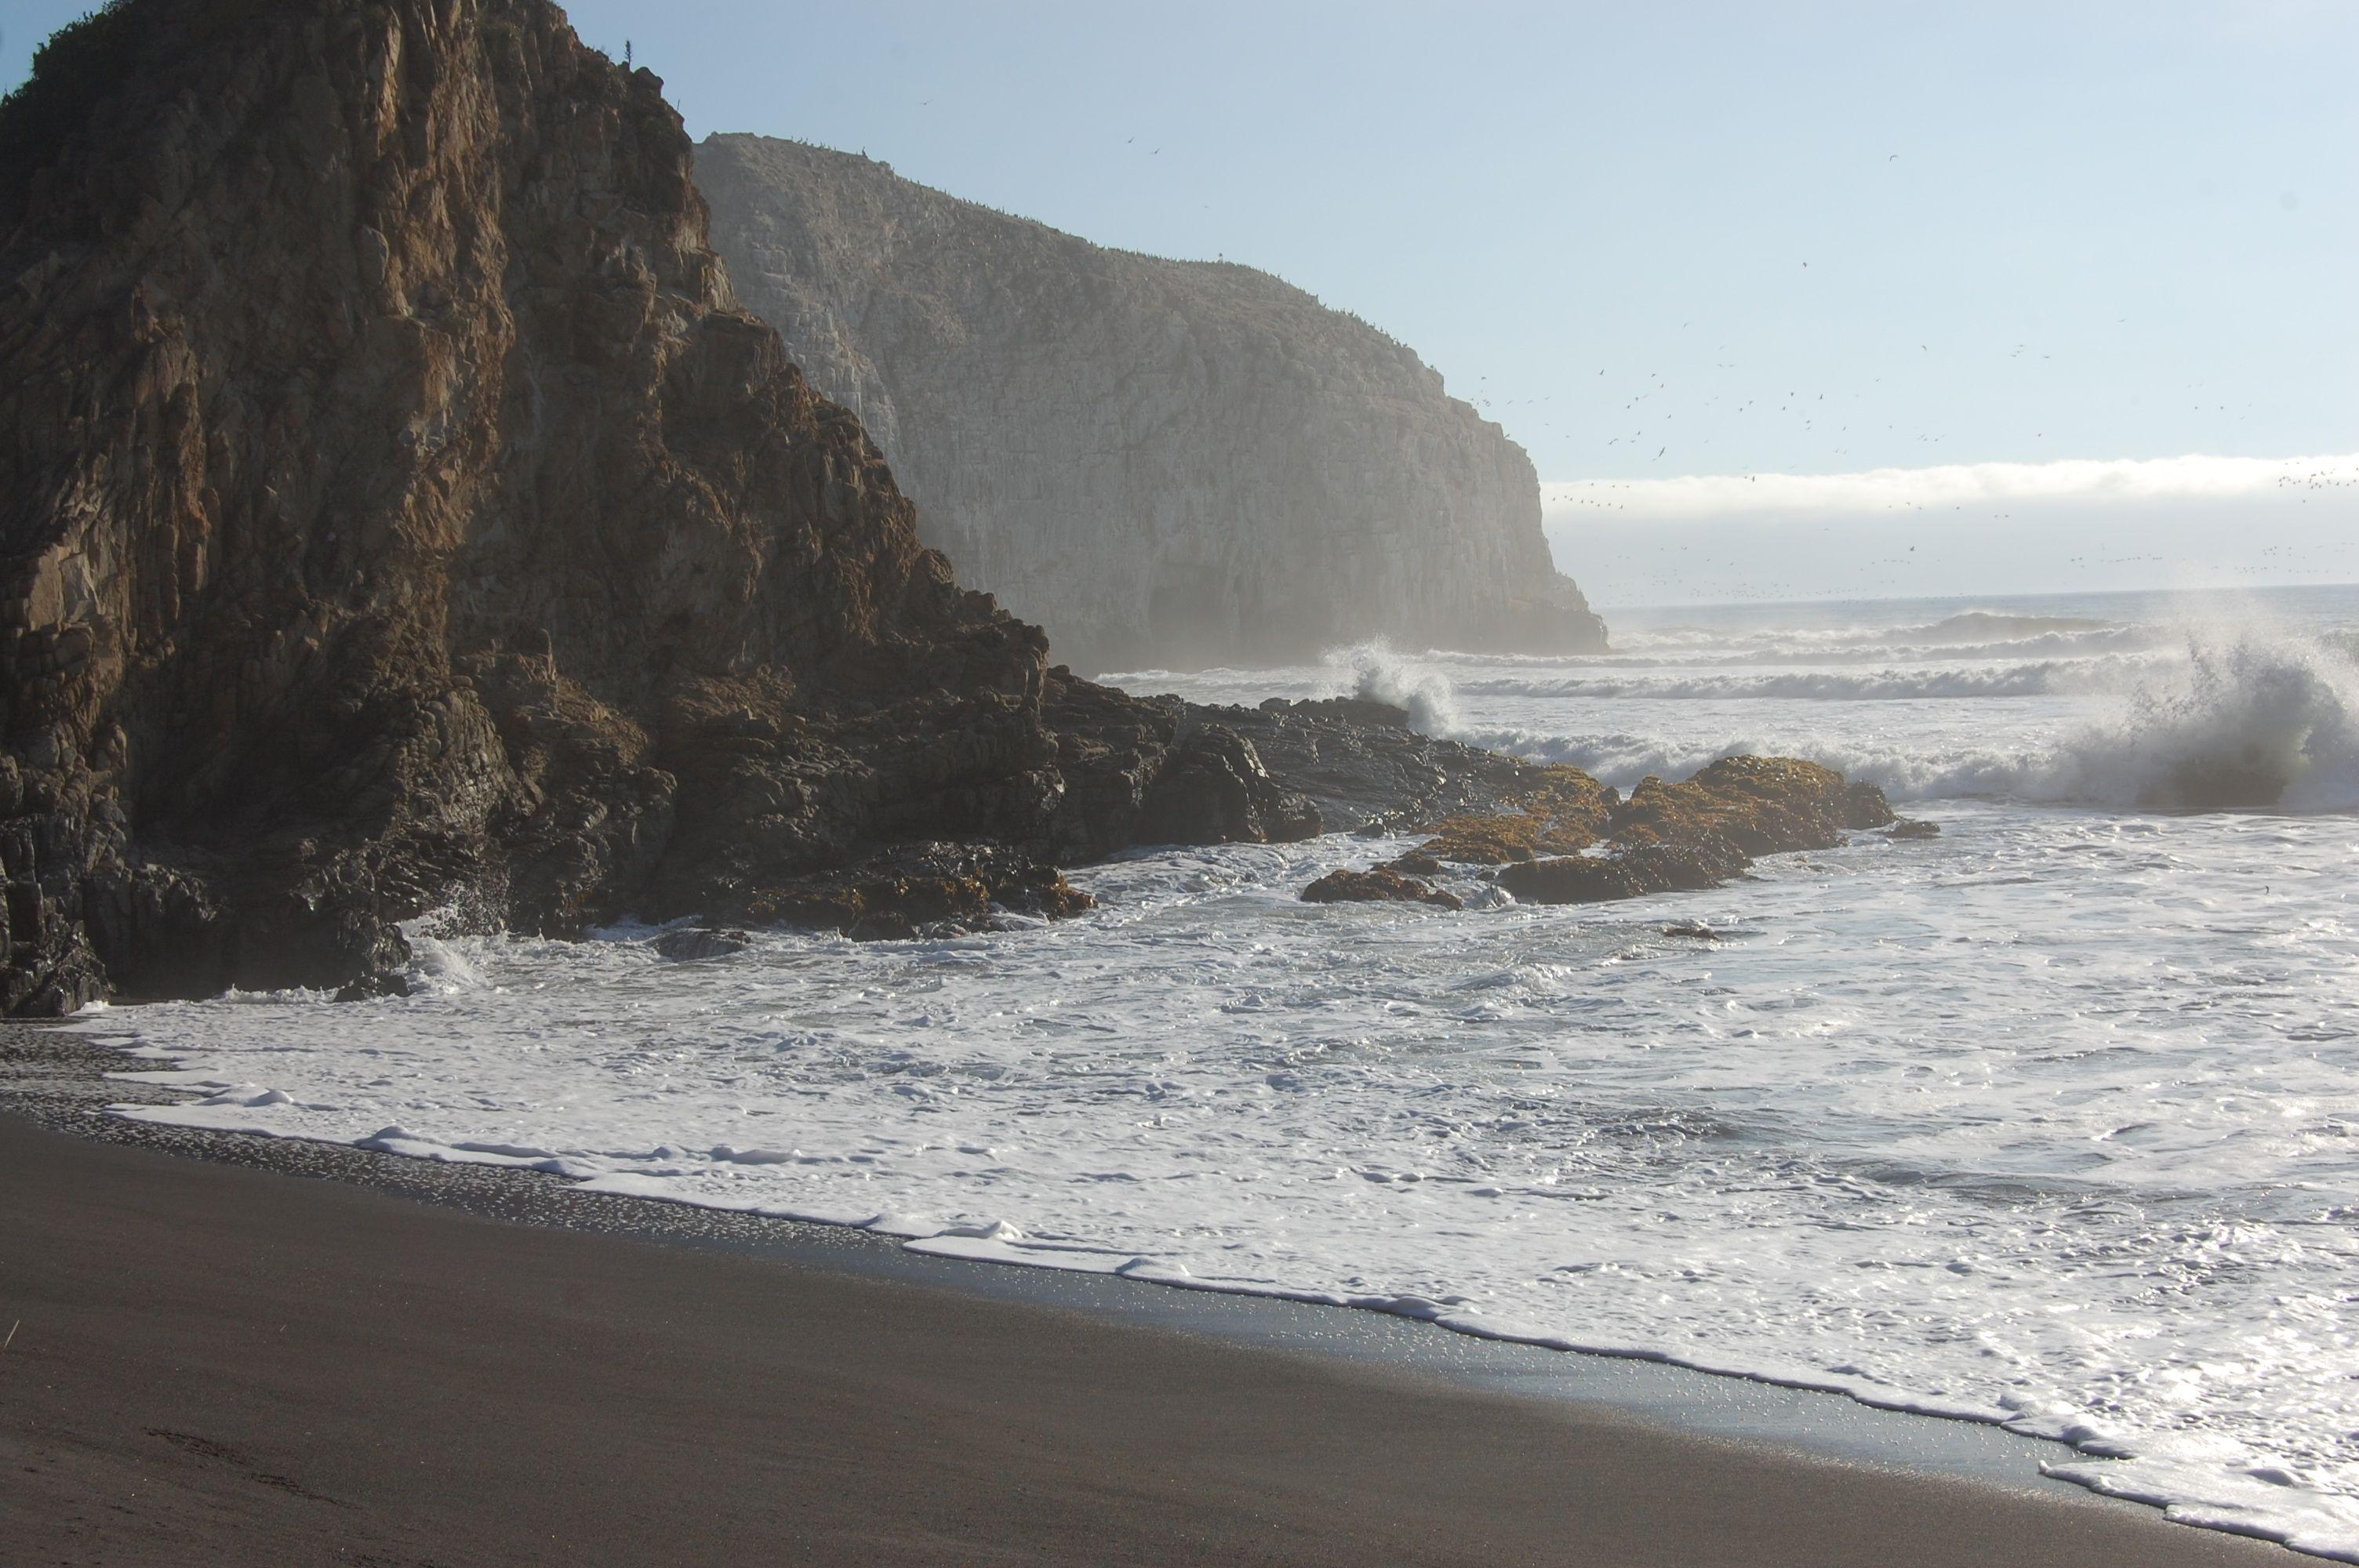 Piedra  elefante  Constitución Región del Maule  Chile